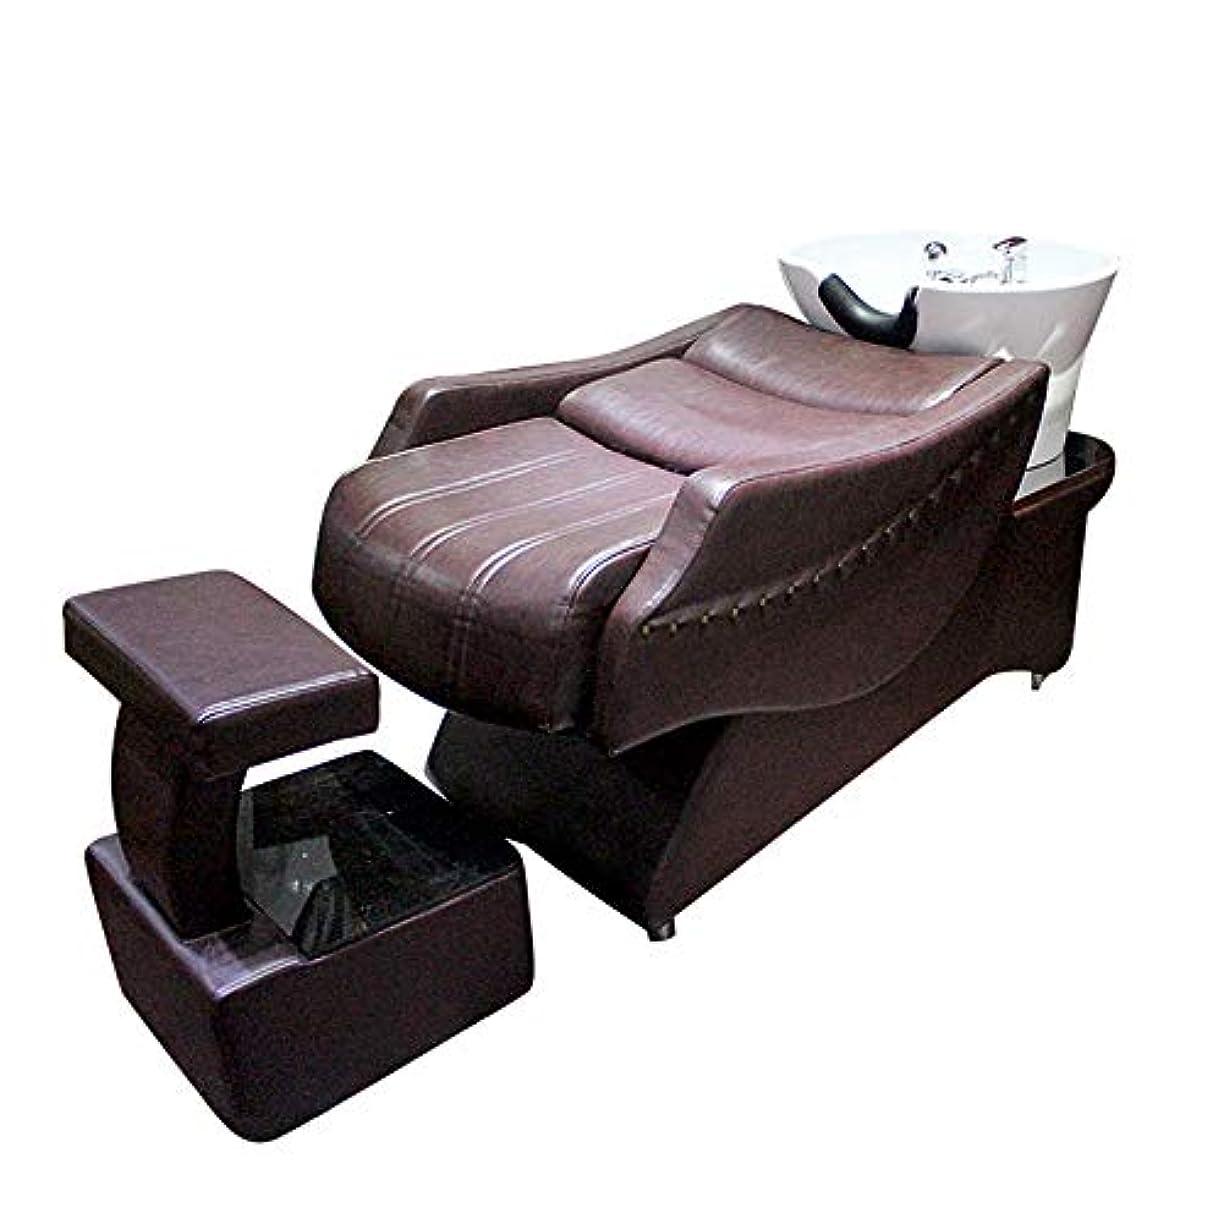 すでに思いつく修理工シャンプーチェア、半横になっているシャンプーベッドの逆洗ユニットシャンプーボウル理髪シンクシンクチェア用スパ美容院機器